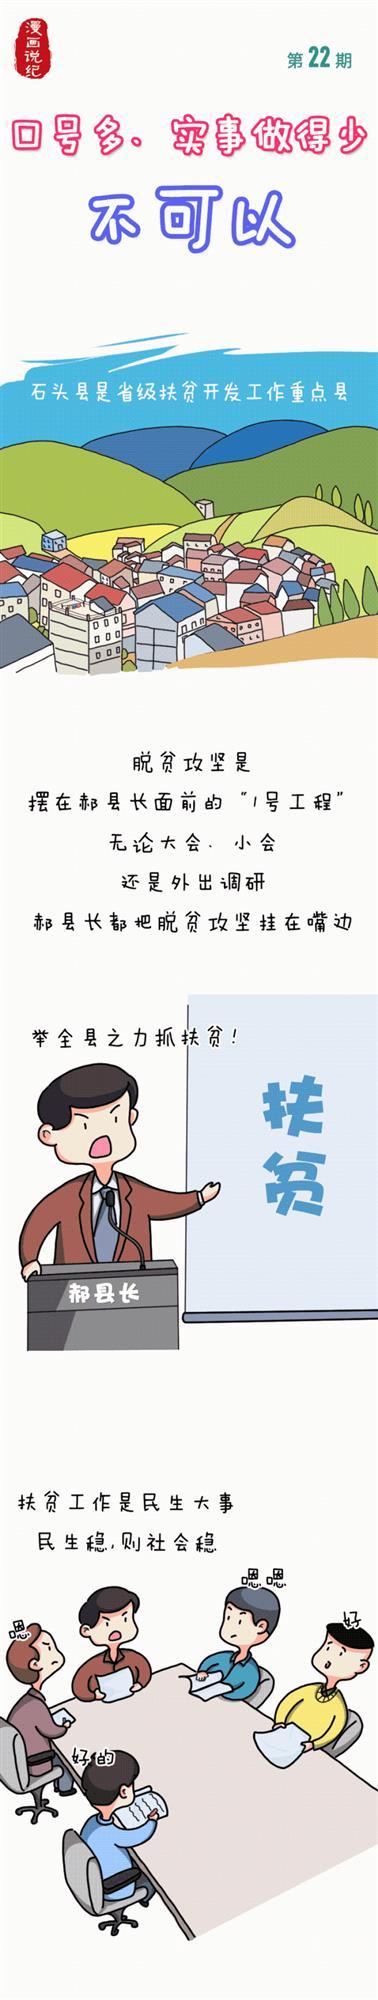 「杏悦平台」号多实事做得少杏悦平台不可以图片